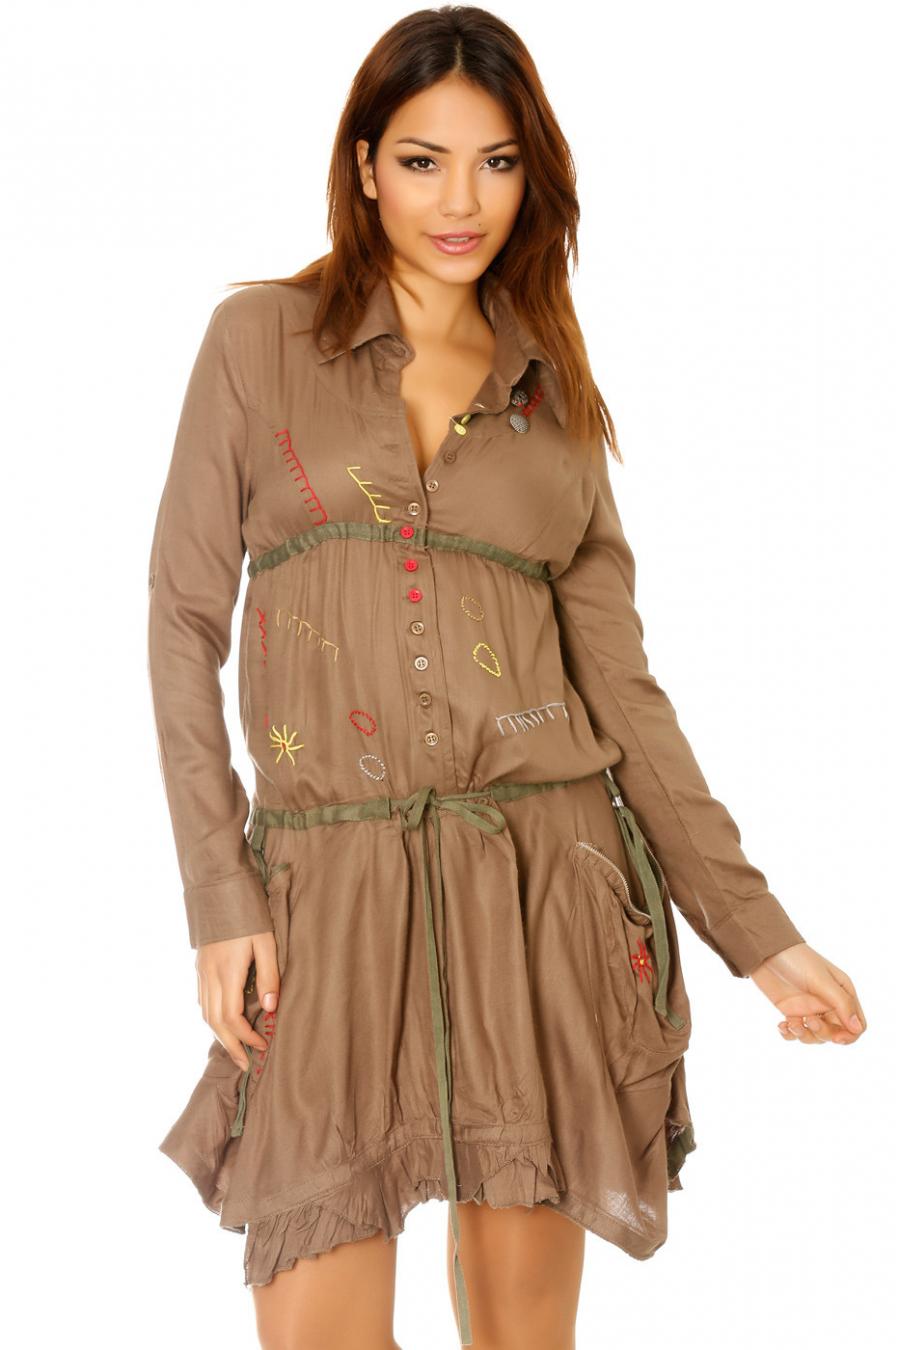 Robe tunique kaki boutonné avec broderie. Vêtement femme petit prix 921